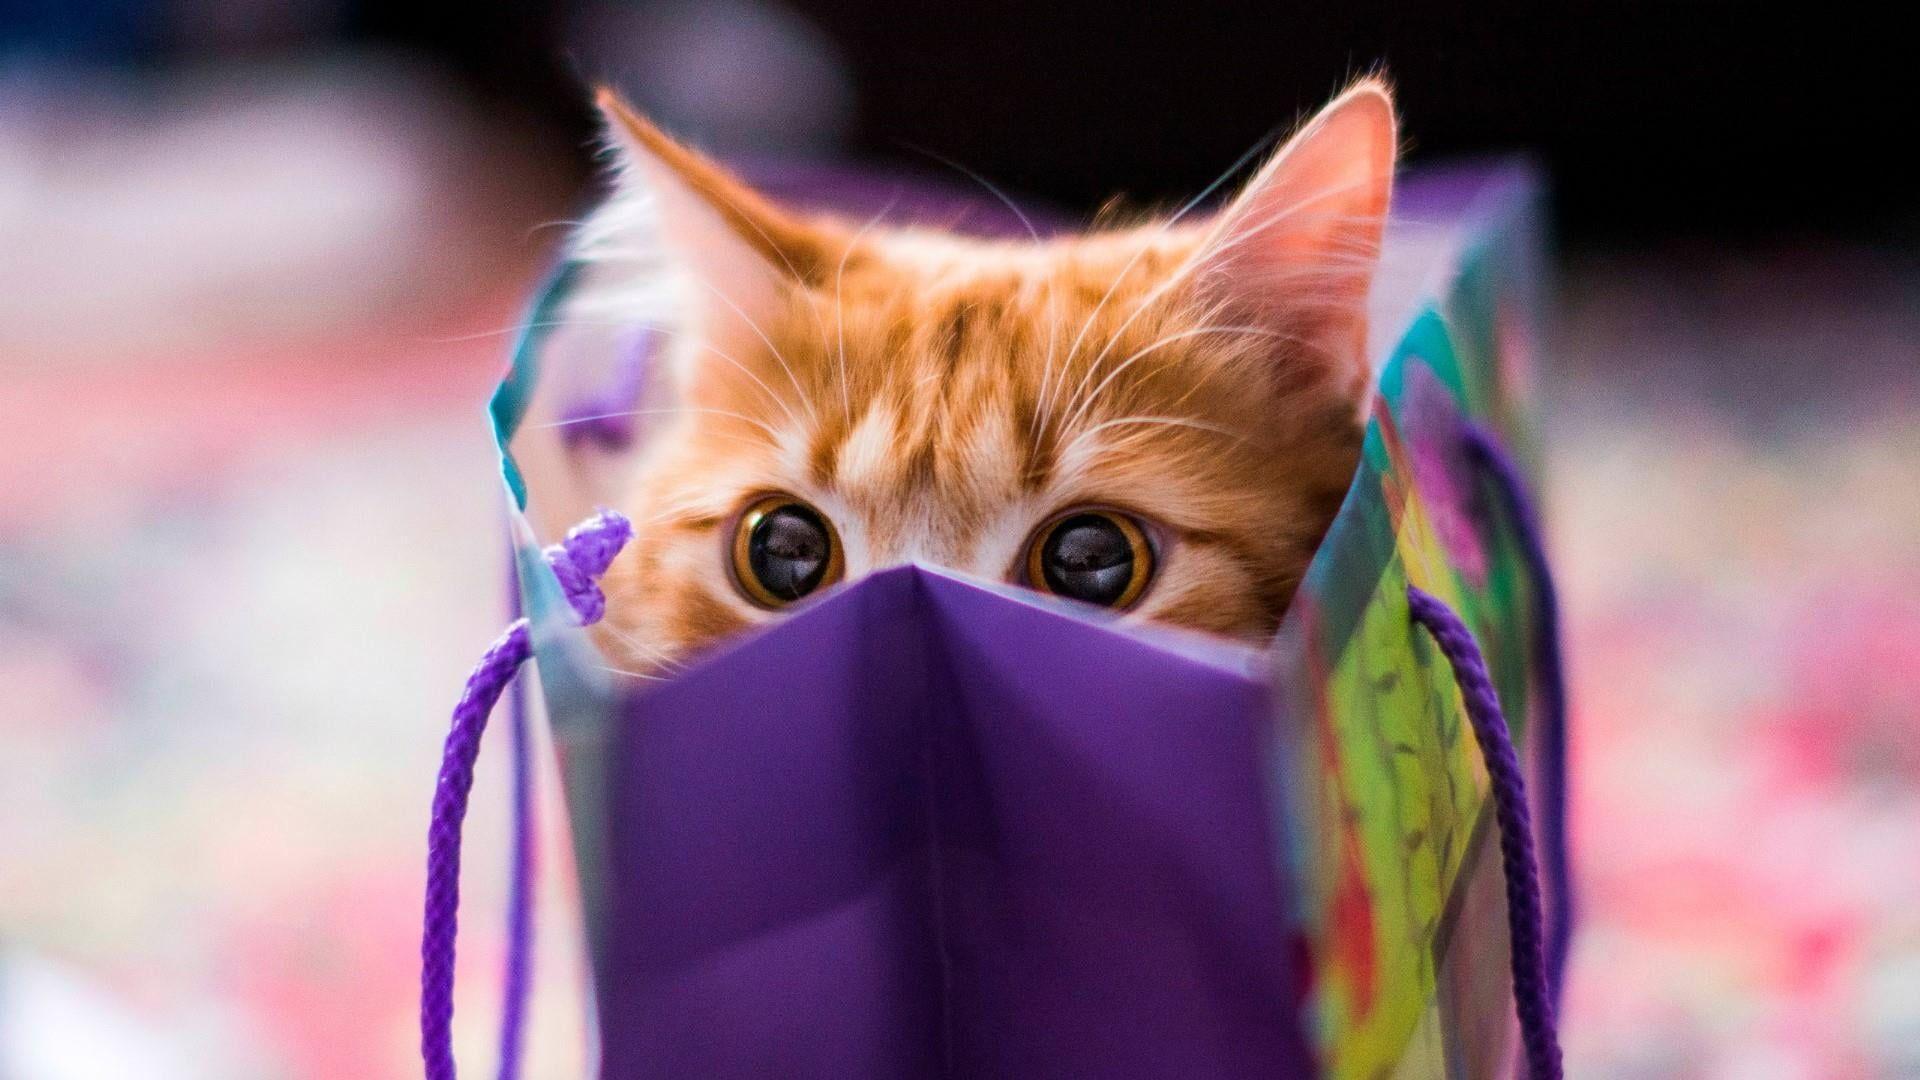 Kitty Kitten Cat Cuteness Cute Funny Bag Peep Peek 1080p Wallpaper Hdwallpaper Desktop In 2021 Kittens Cutest Cats Cats And Kittens Cute kitty hd wallpaper